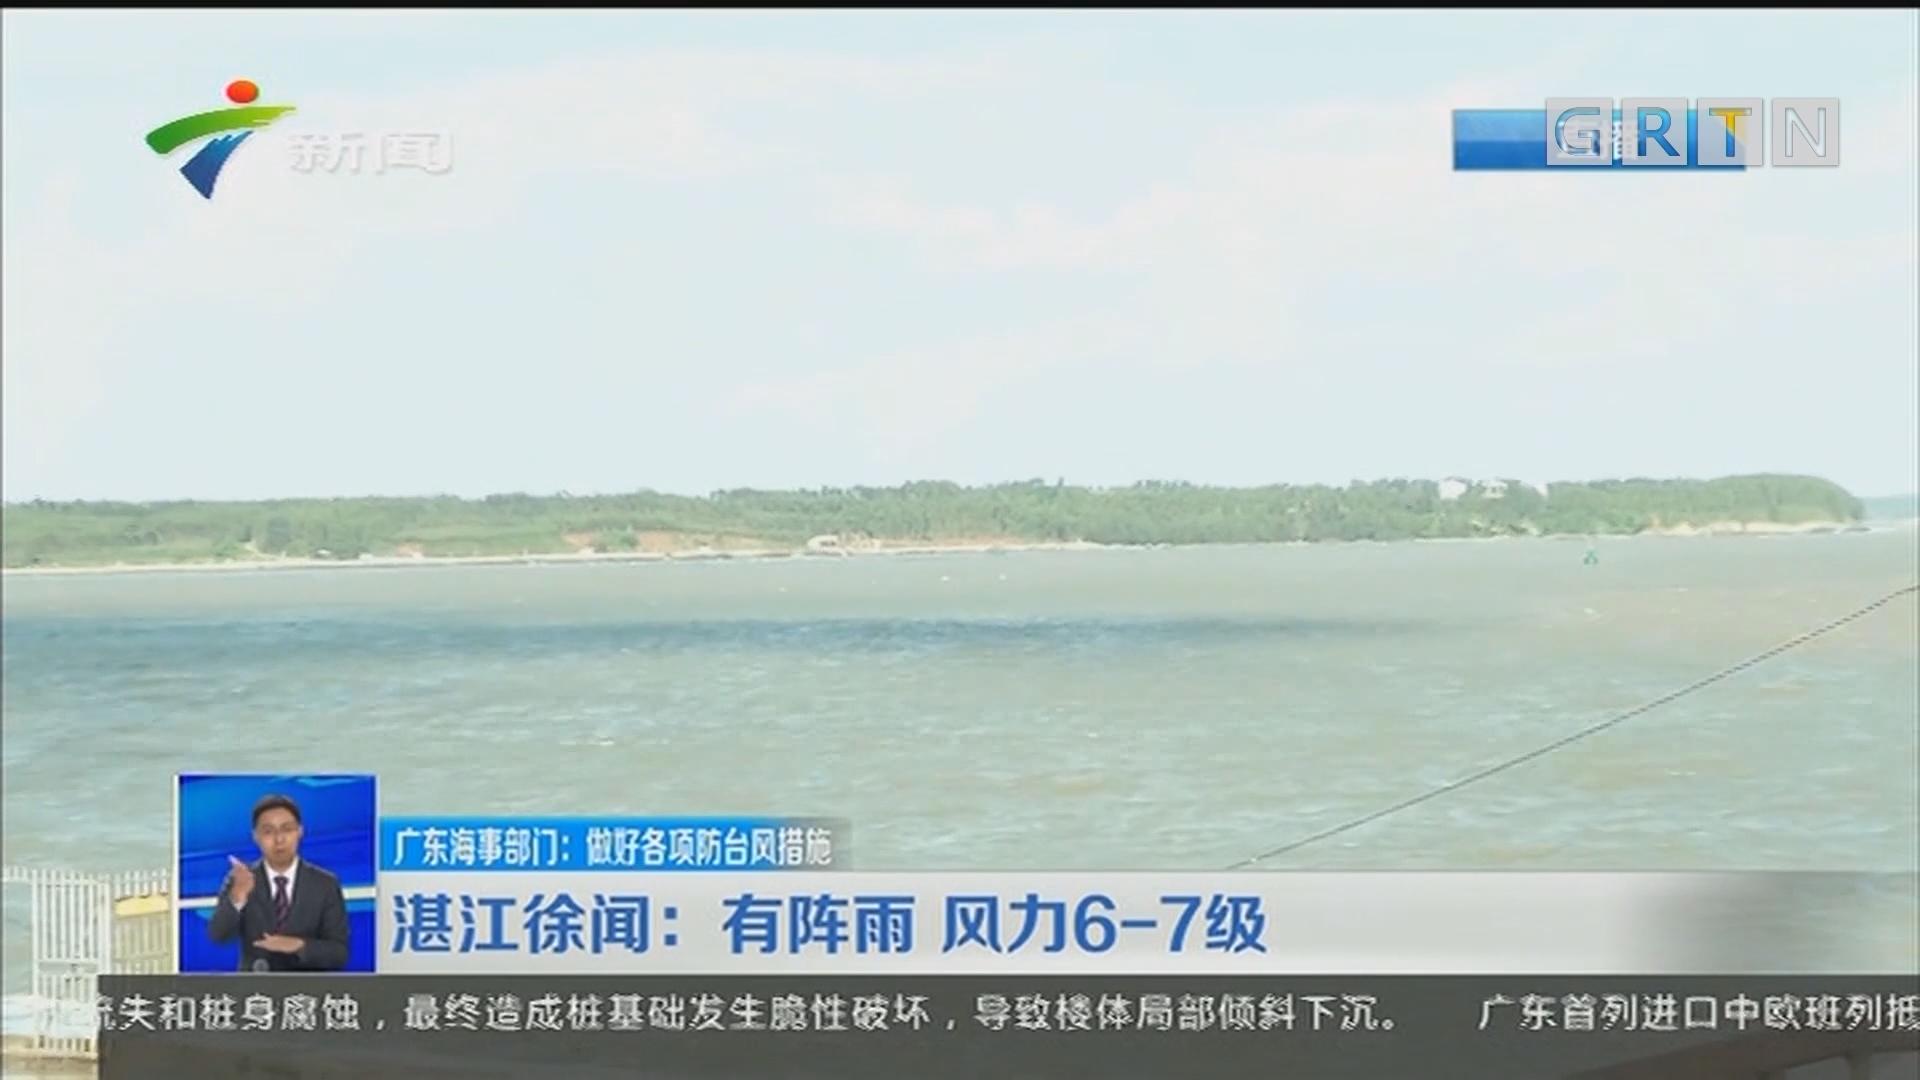 广东海事部门:做好各项防台风措施 湛江徐闻:有阵雨 风力6-7级